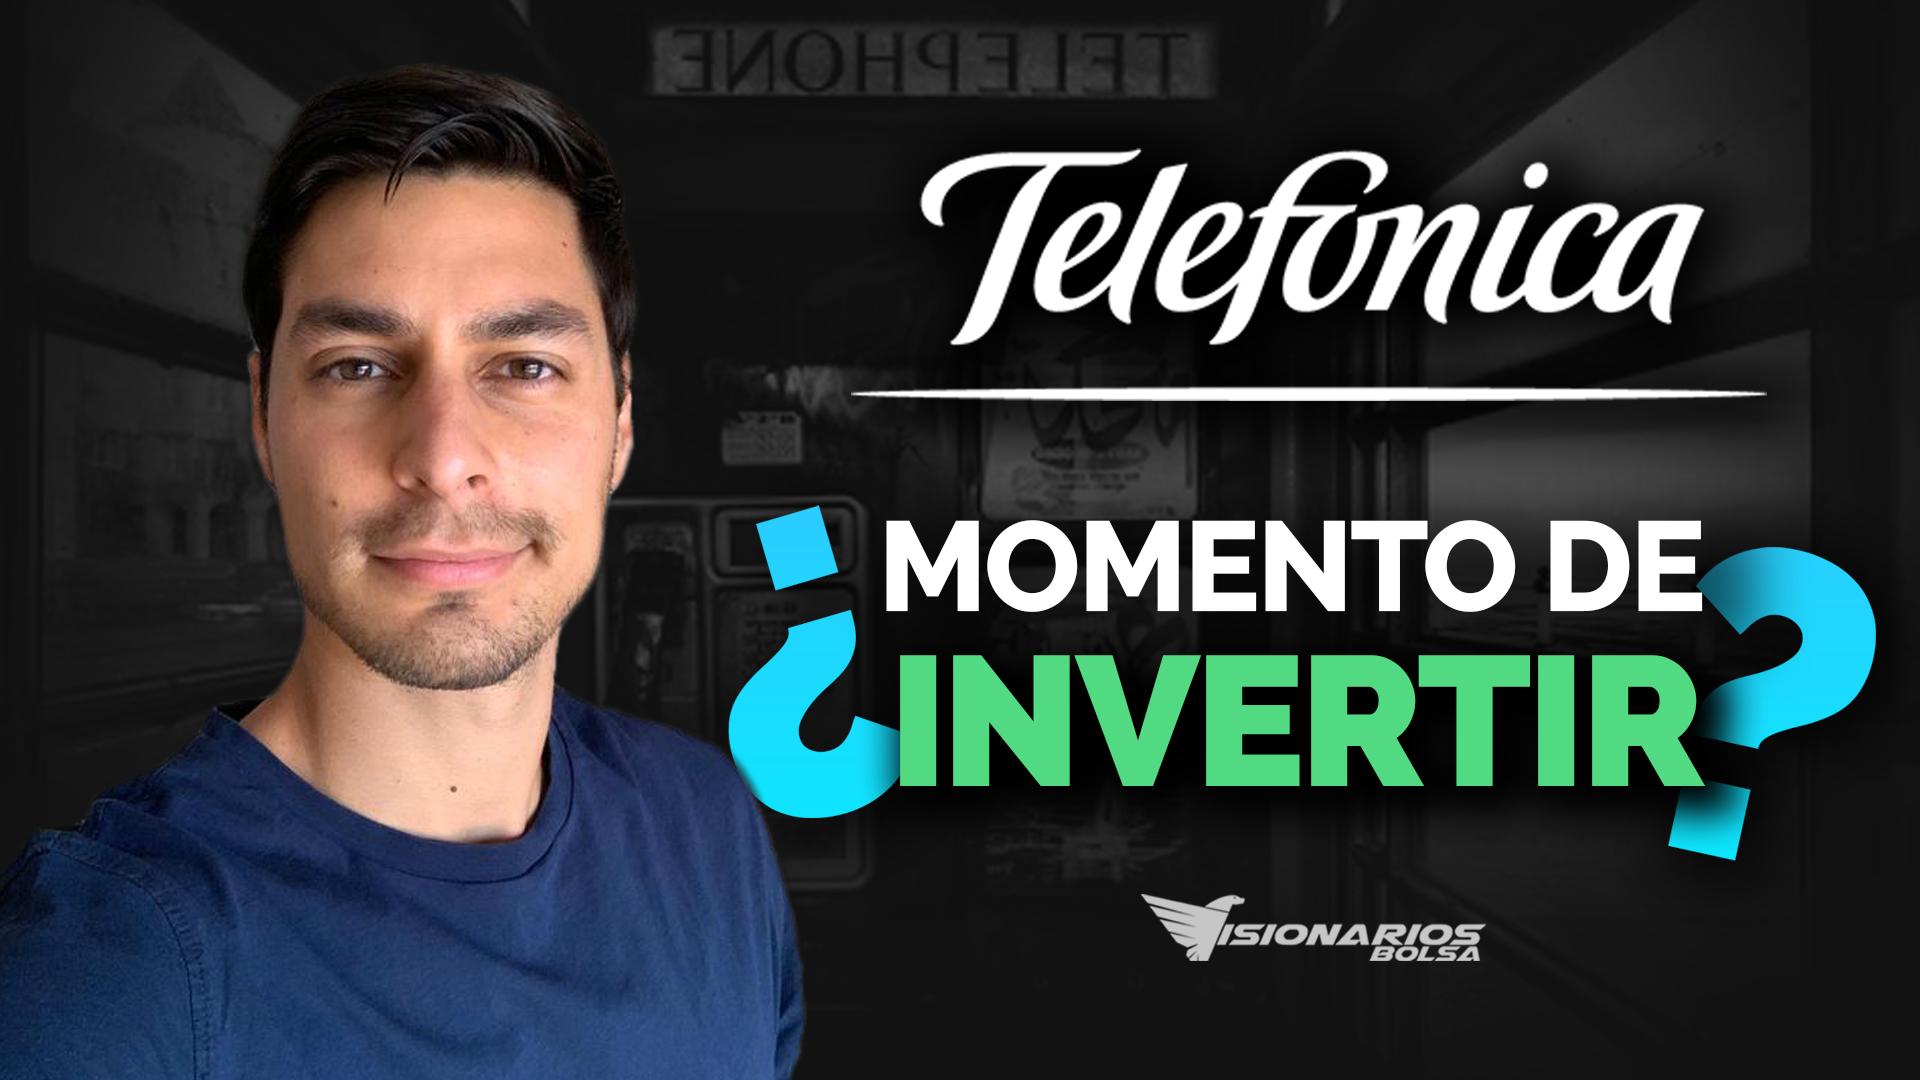 Acciones De Telefónica ¿Momento De Invertir?